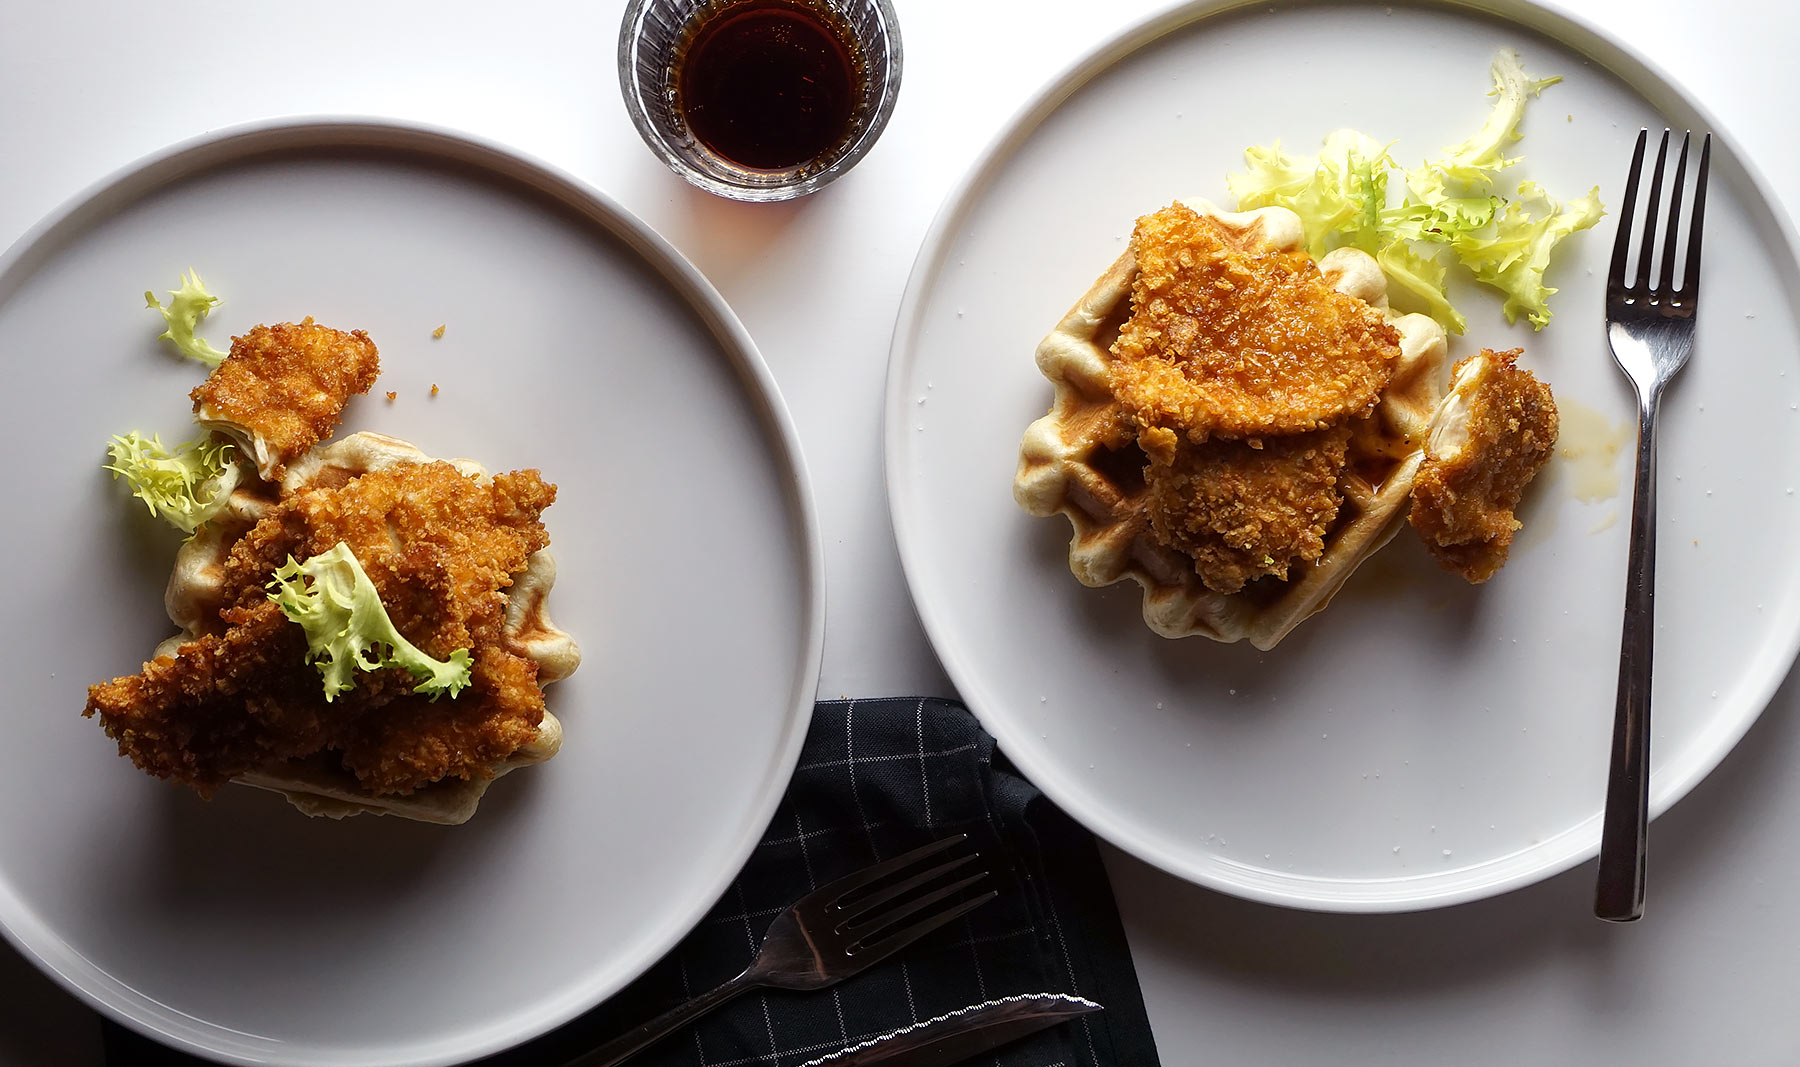 Gofres con pollo rebozado y sirope de arce (Chicken and Waffles)